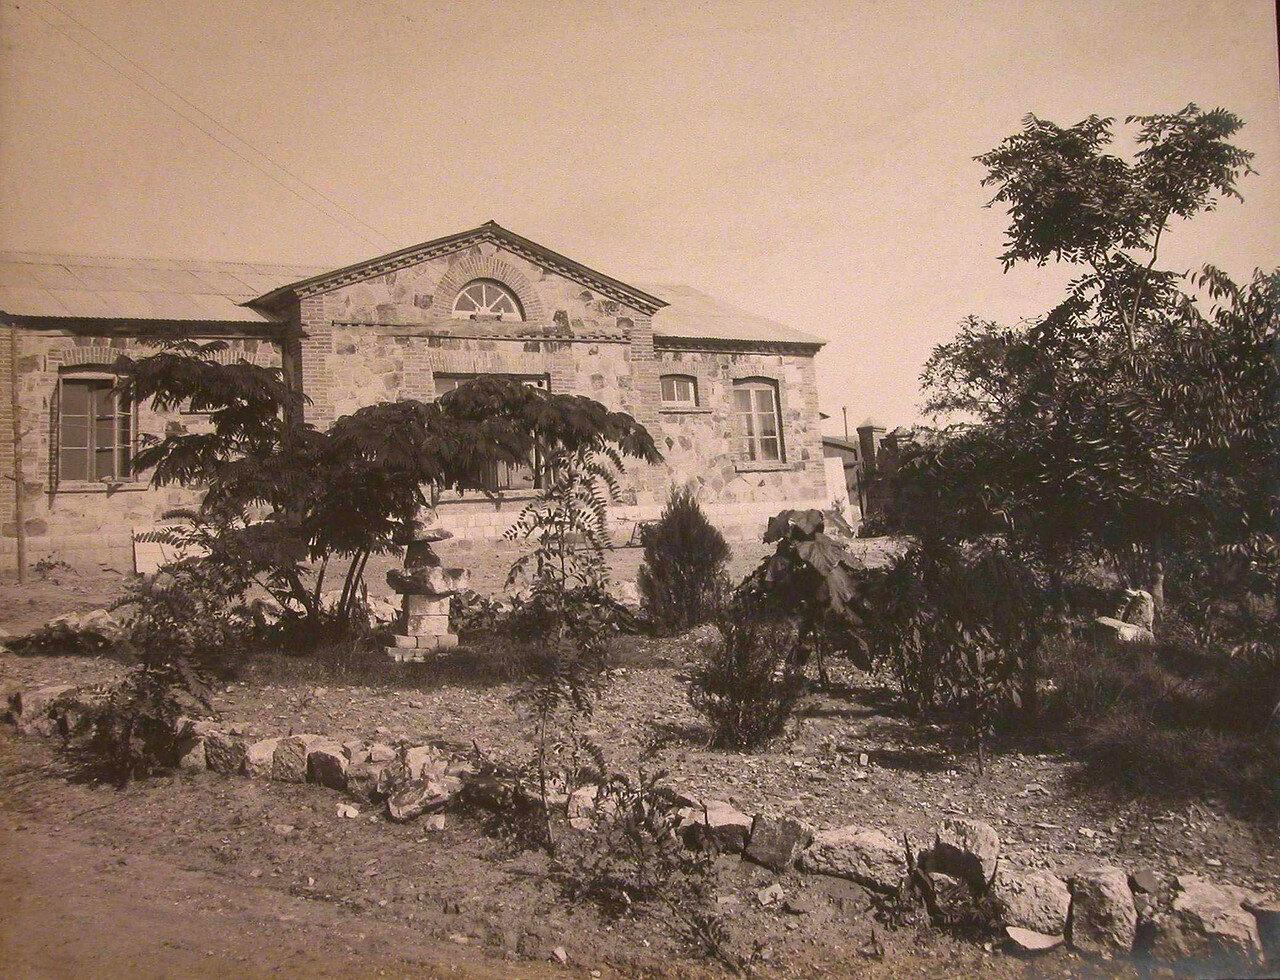 09. Вид одного из служебных зданий больницы